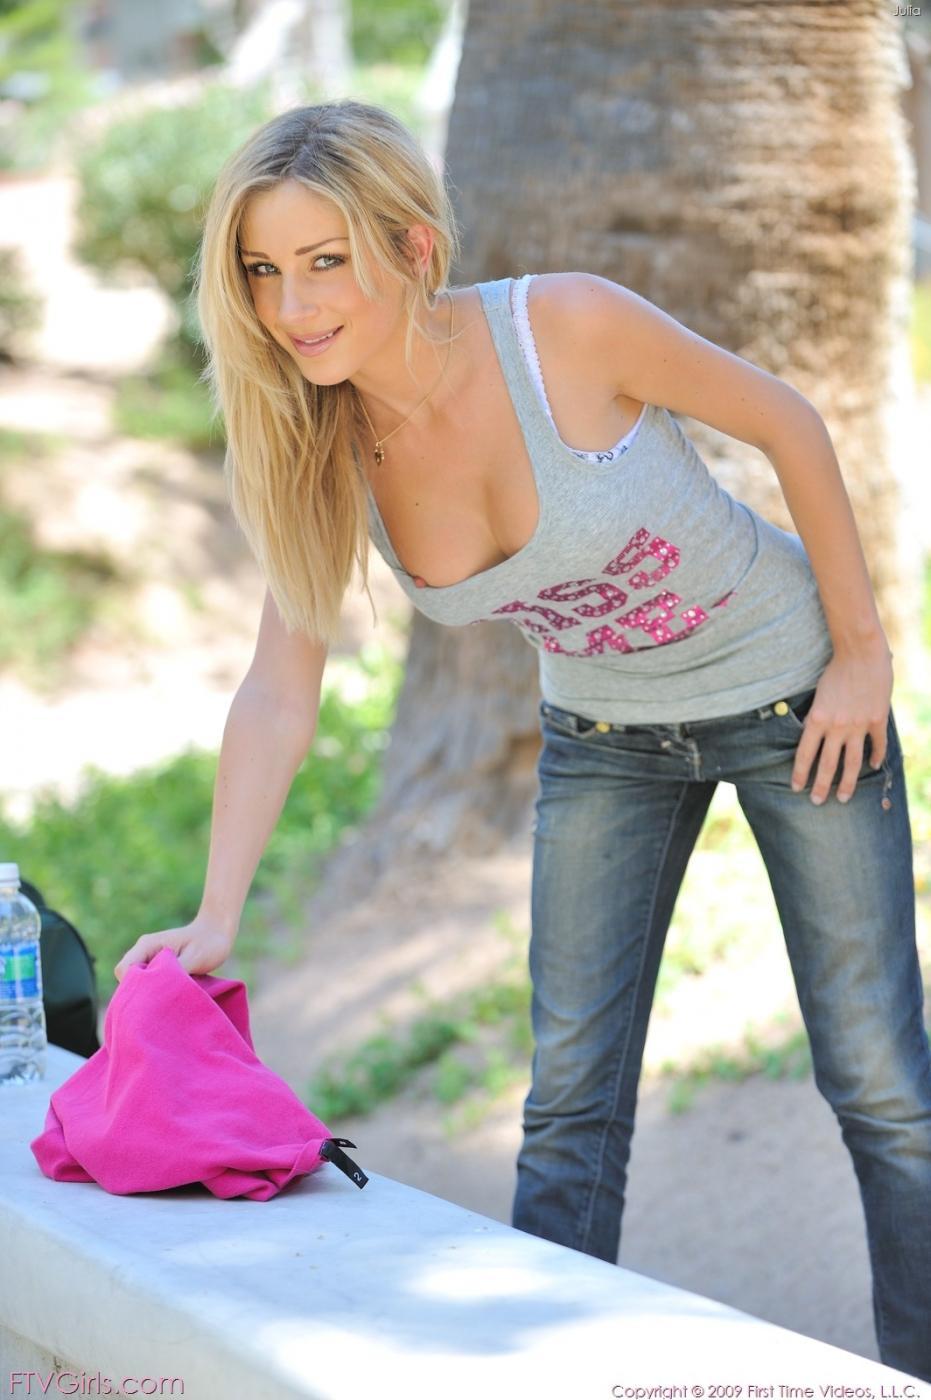 Идеальная светловолосая девушка в джинсах с округлой грудью Джулия Краун гуляет без трусиков в людном месте